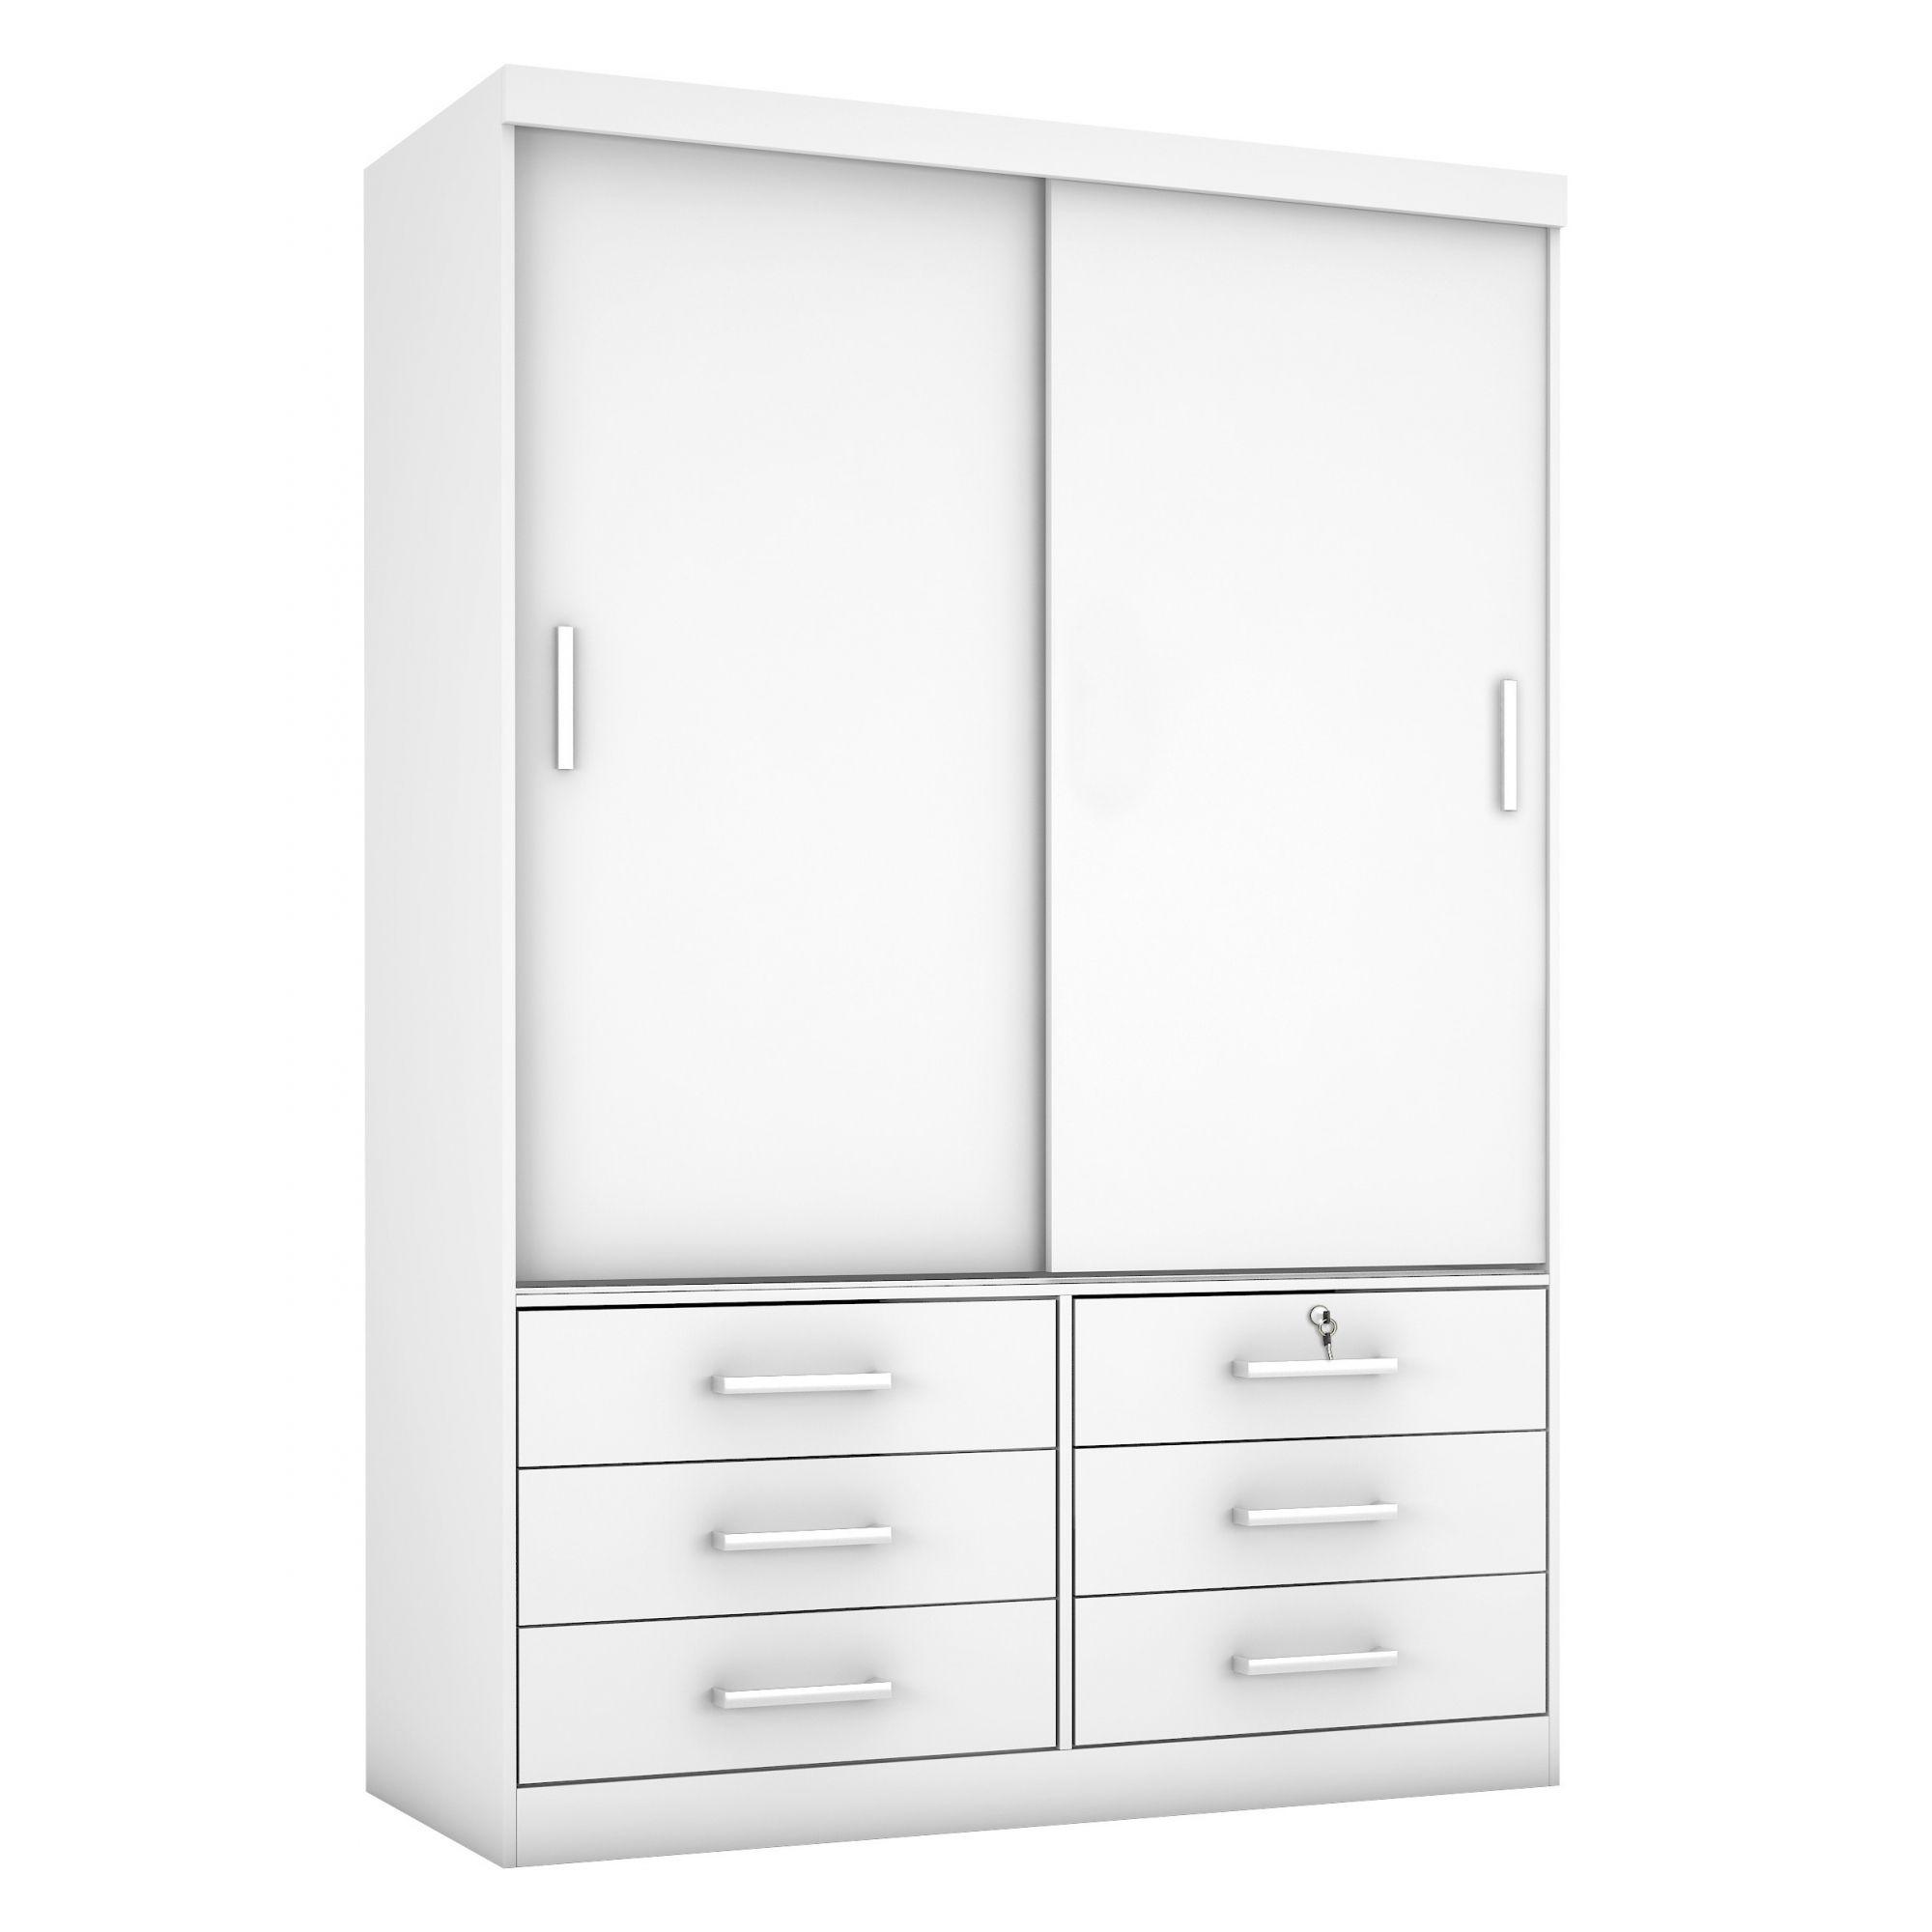 Guarda-Roupa com Espelho Sonare 2 portas cor Branco - Novo Horizonte